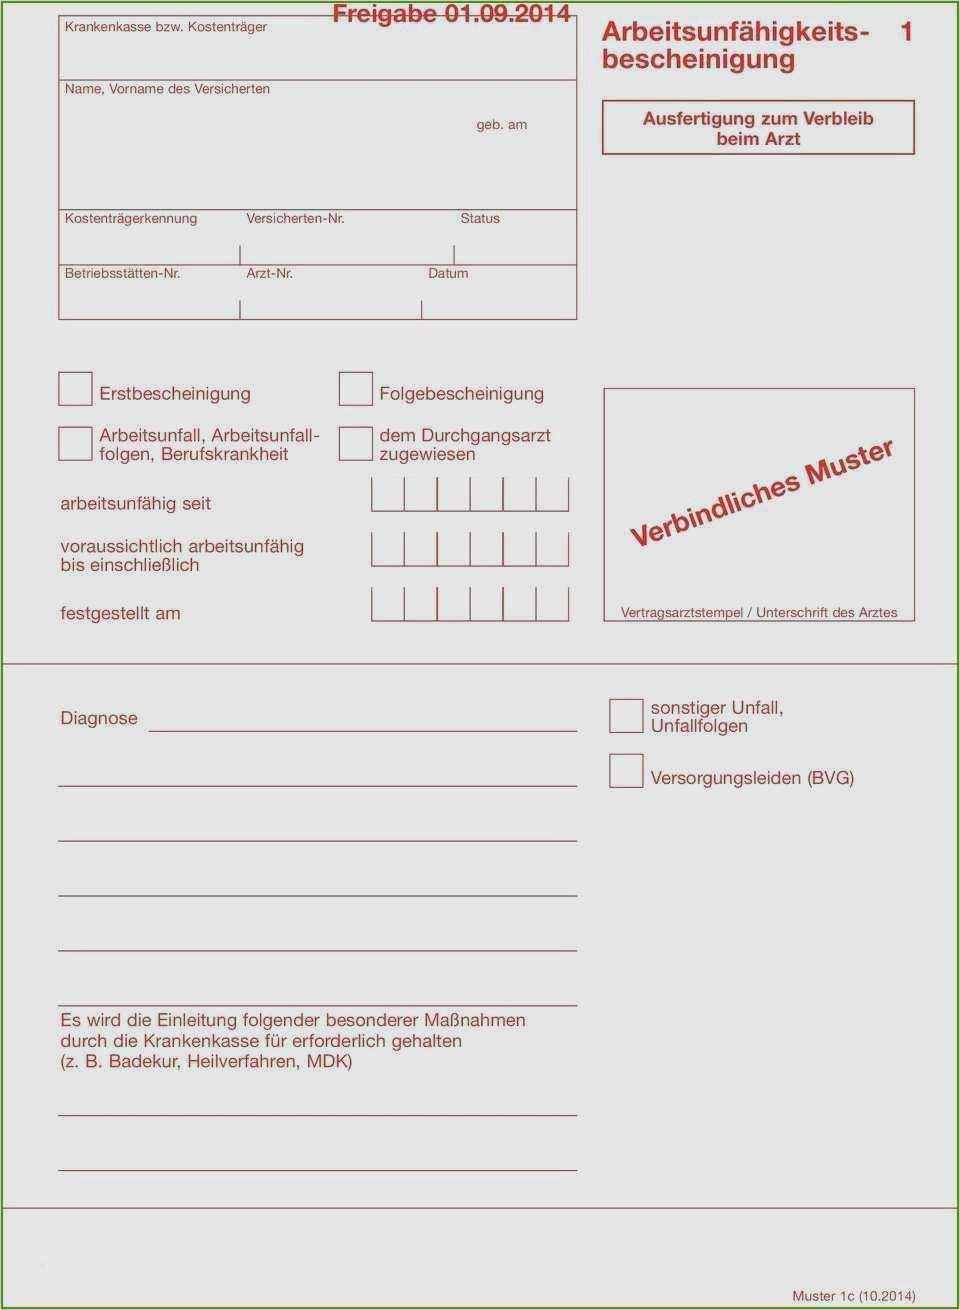 Teilnahmebescheinigung Zur Vorlage Bei Der Krankenkasse 18 Angenehm Solche Konnen Einstellen In Microsoft Word Dillyhearts Com